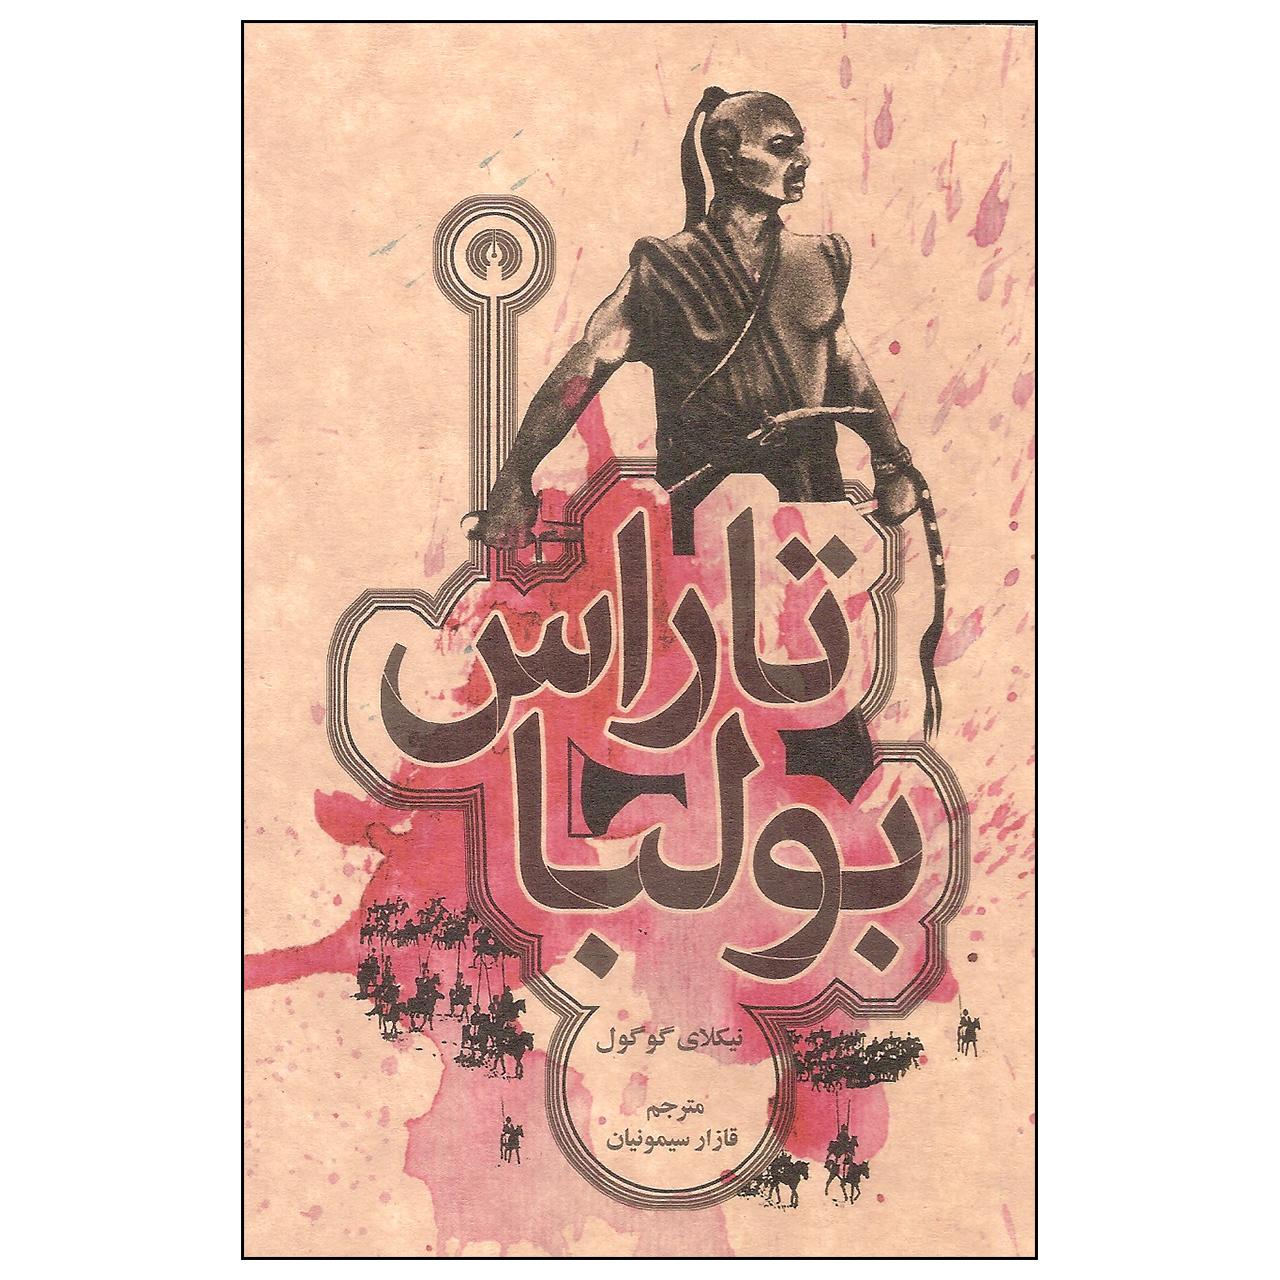 خرید                      کتاب تاراس بولبا اثر نیکلای گوگول نشر علمی فرهنگی